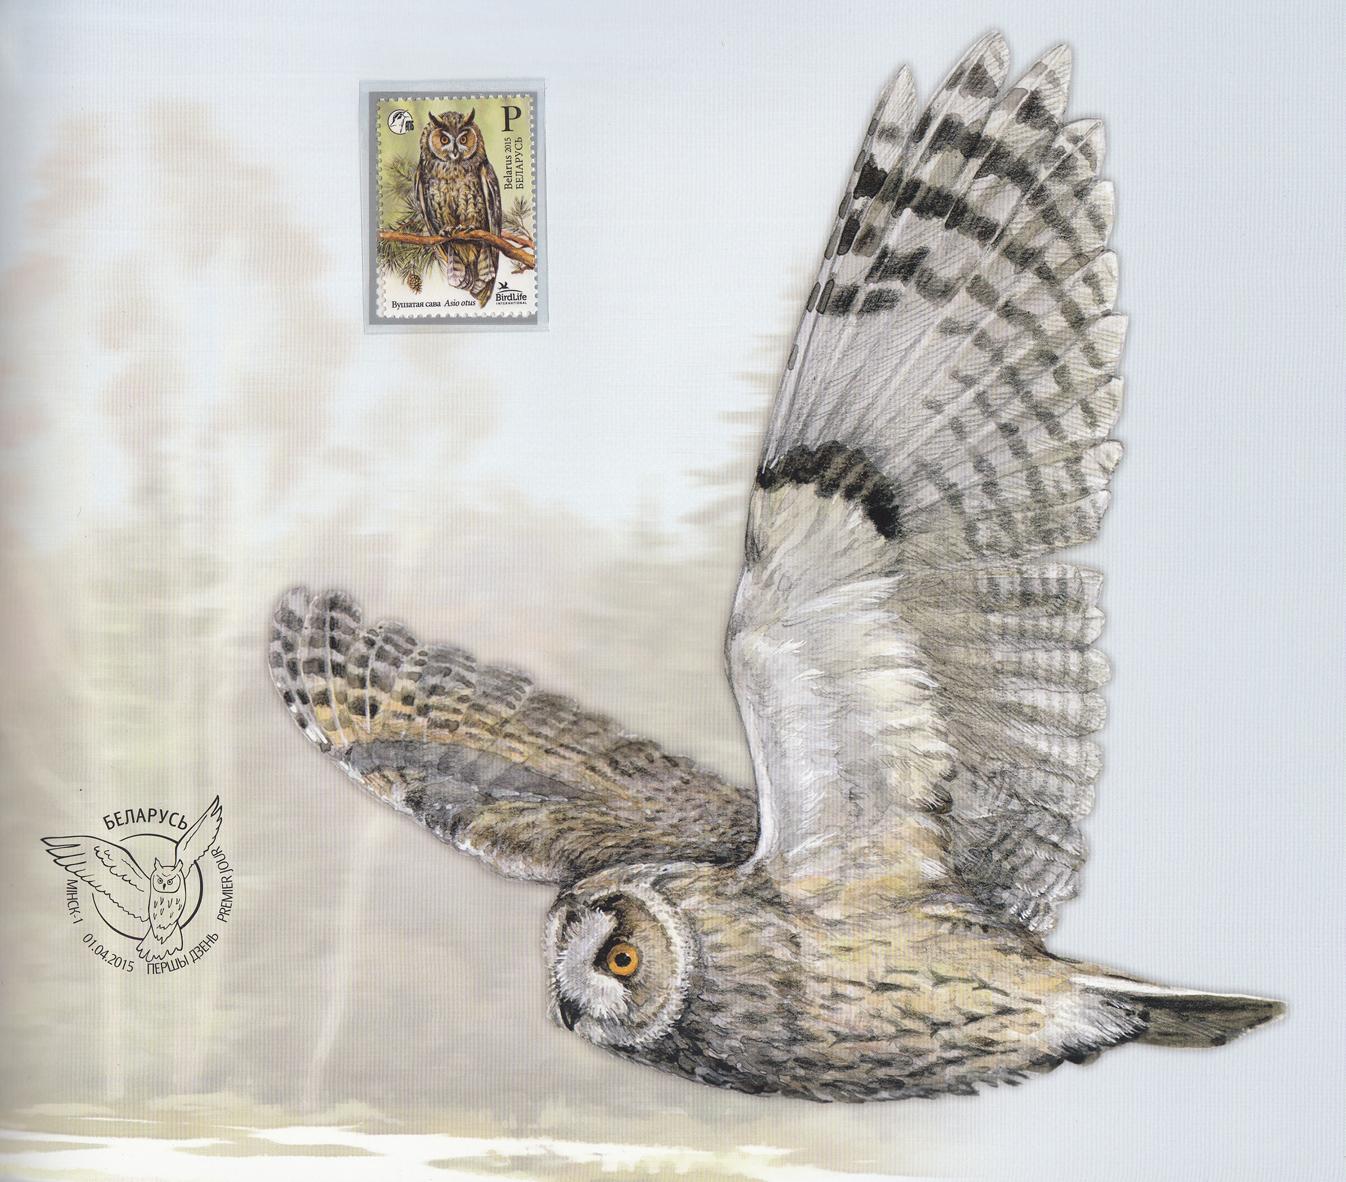 Почтовая марка Птица года. Ушастая сова.